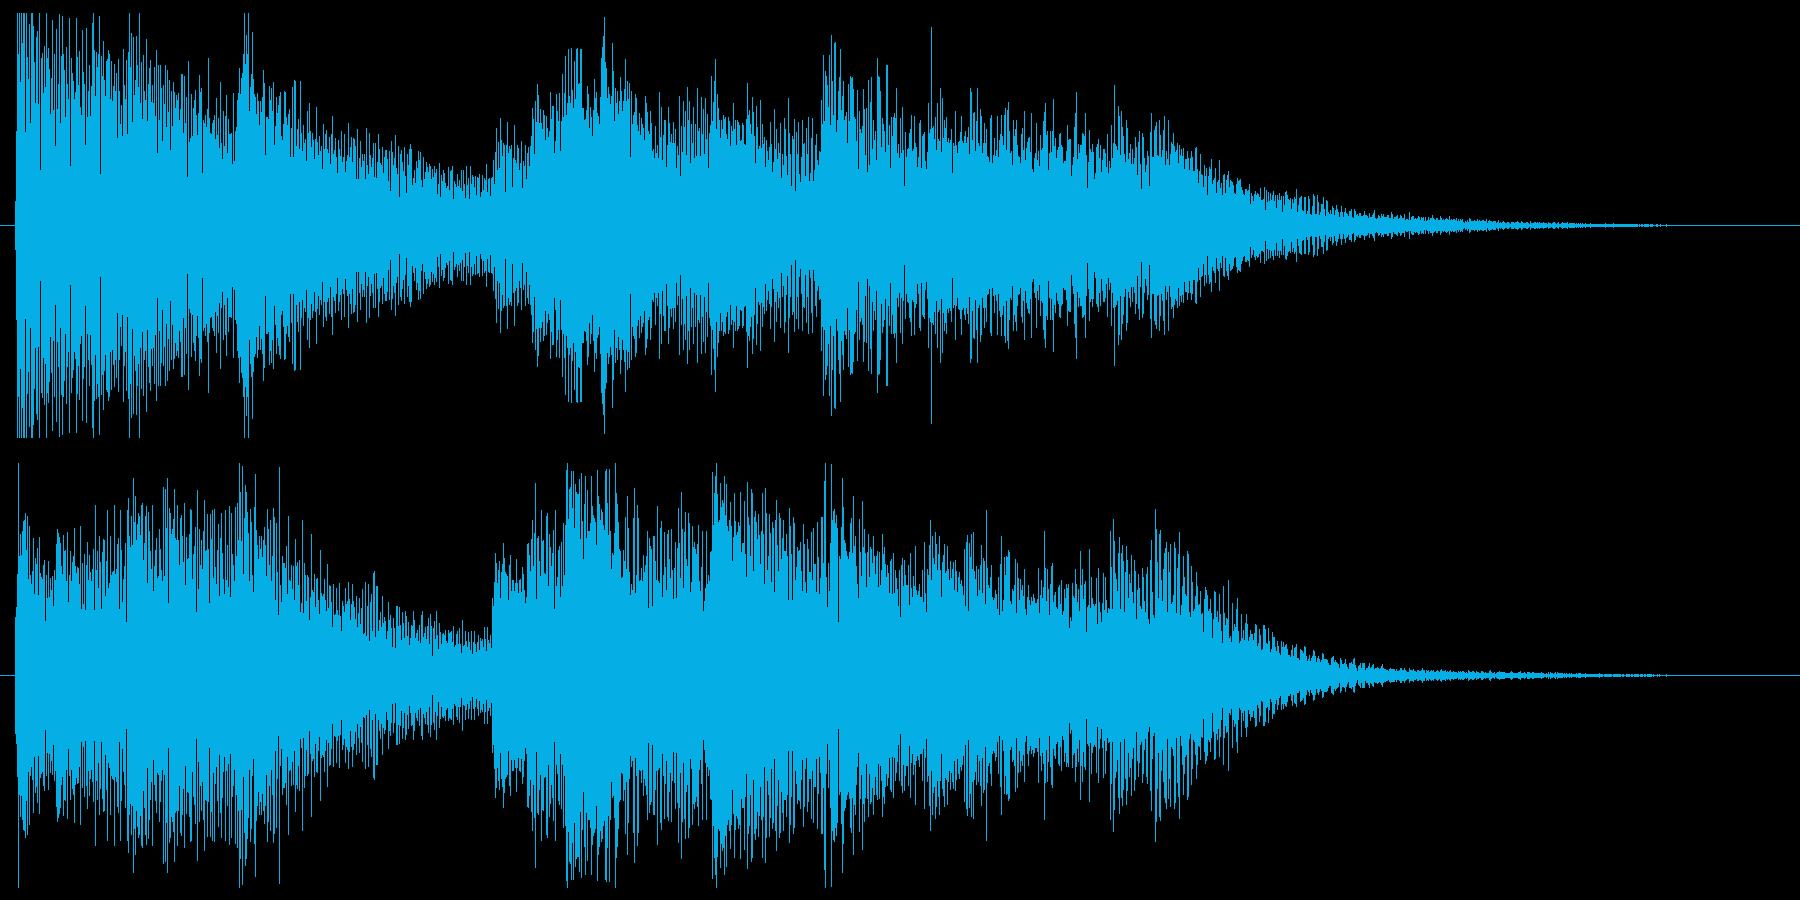 始まりを感じさせるピアノのジングルの再生済みの波形